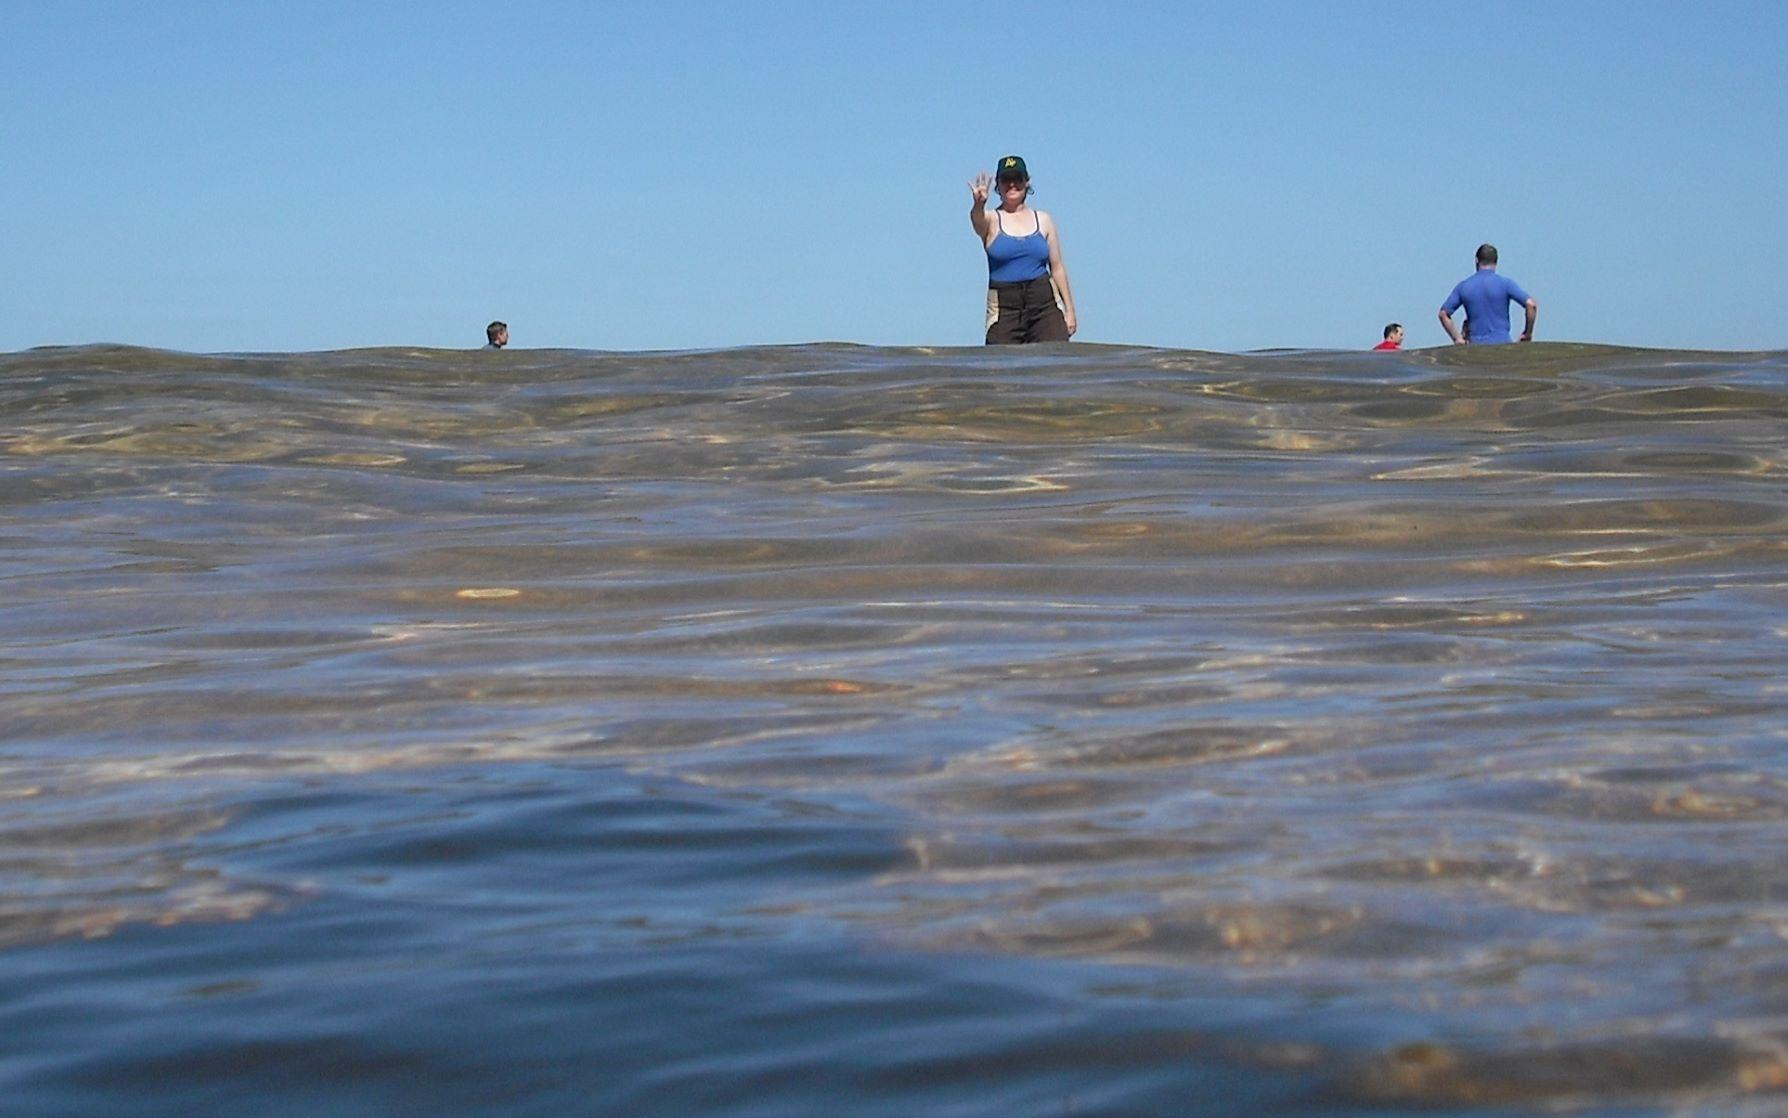 No 4: Bilgola Beach – 27 February 2010